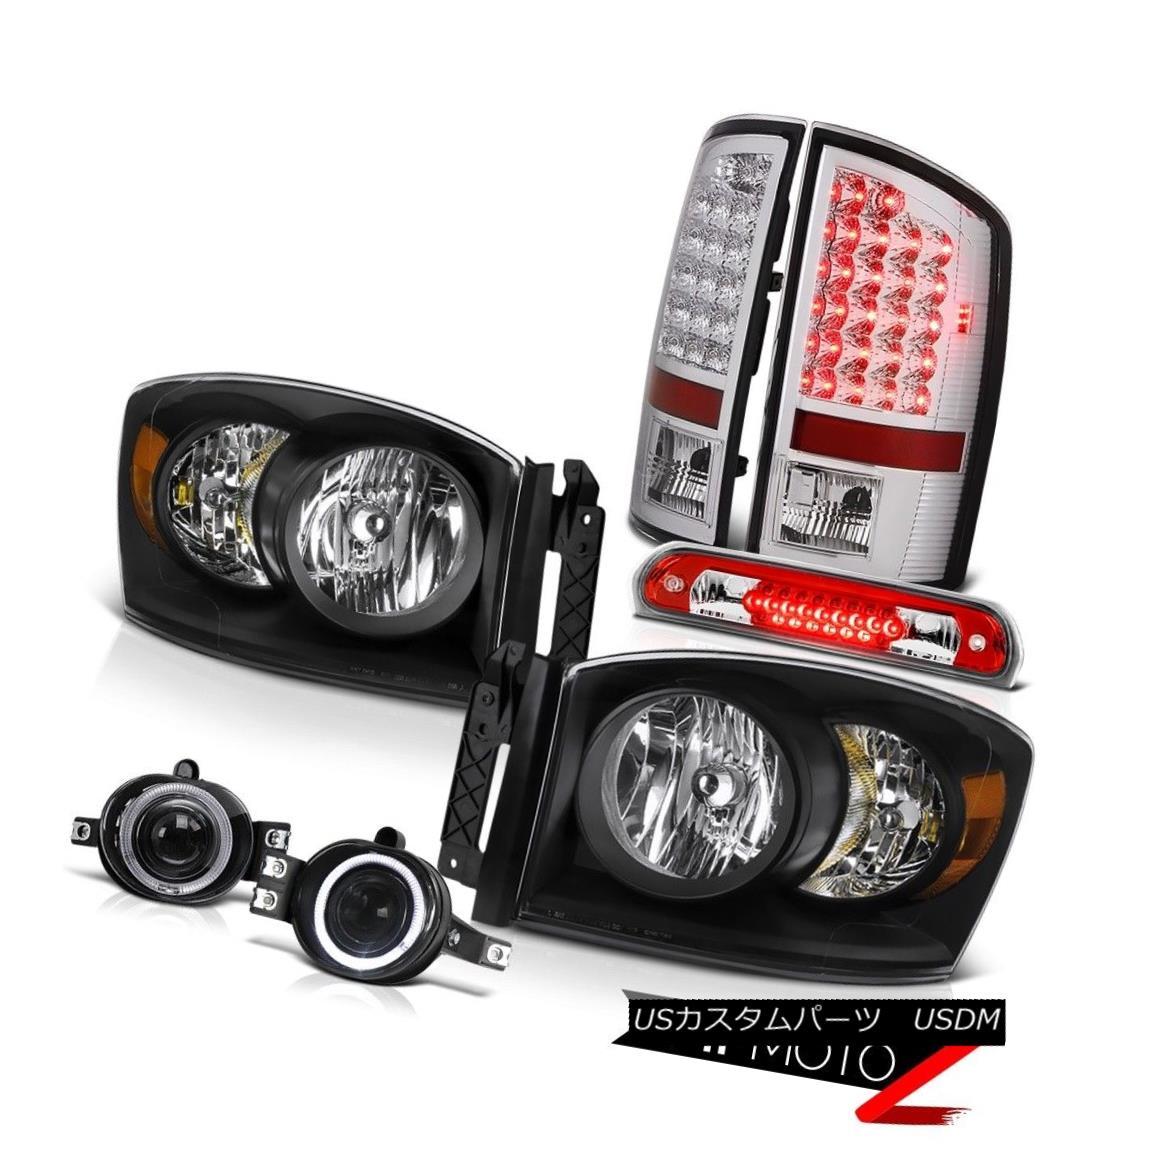 テールライト 2007-2008 Ram Magnum V8 Black Headlights BRIGHTEST LED Tail Lights Glass Fog 3rd 2007-2008ラムマグナムV8ブラックヘッドライトBRIGHTEST LEDテールライトグラスフォッグ3rd